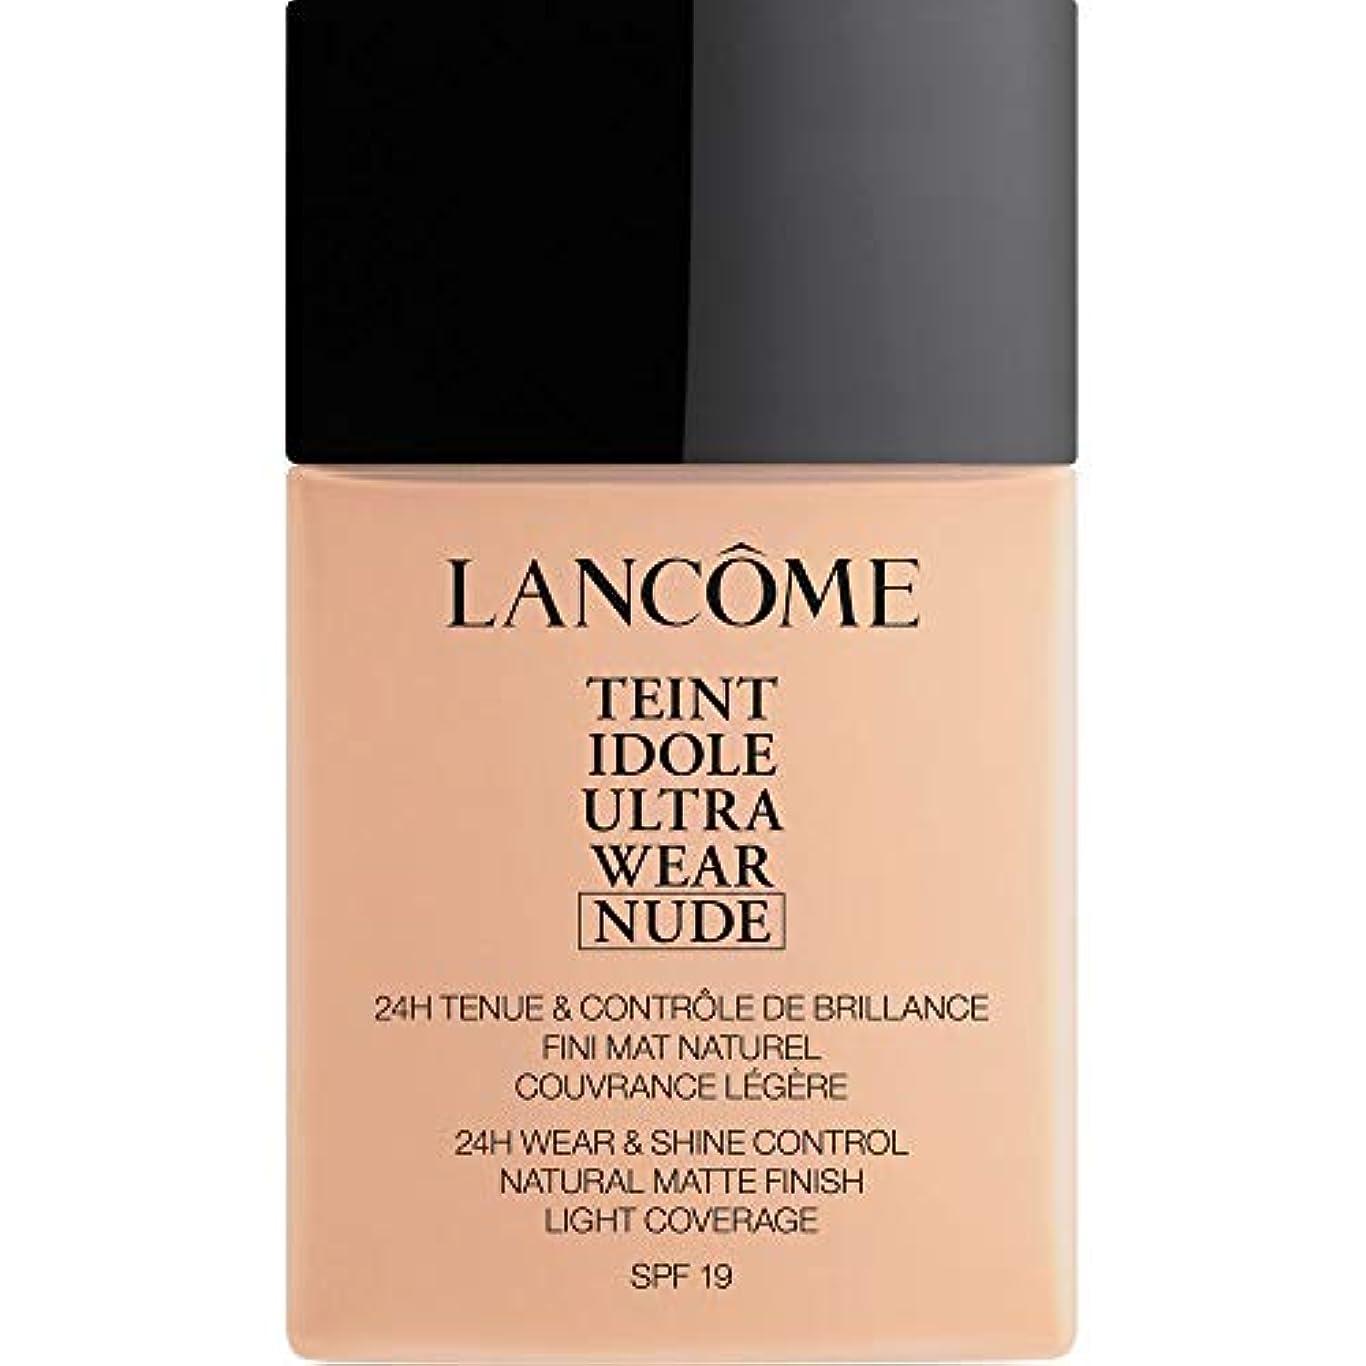 奇跡的な名前で作物[Lanc?me ] ランコムTeintのIdole超摩耗ヌード財団Spf19の40ミリリットル011 - ベージュCristallin - Lancome Teint Idole Ultra Wear Nude Foundation...